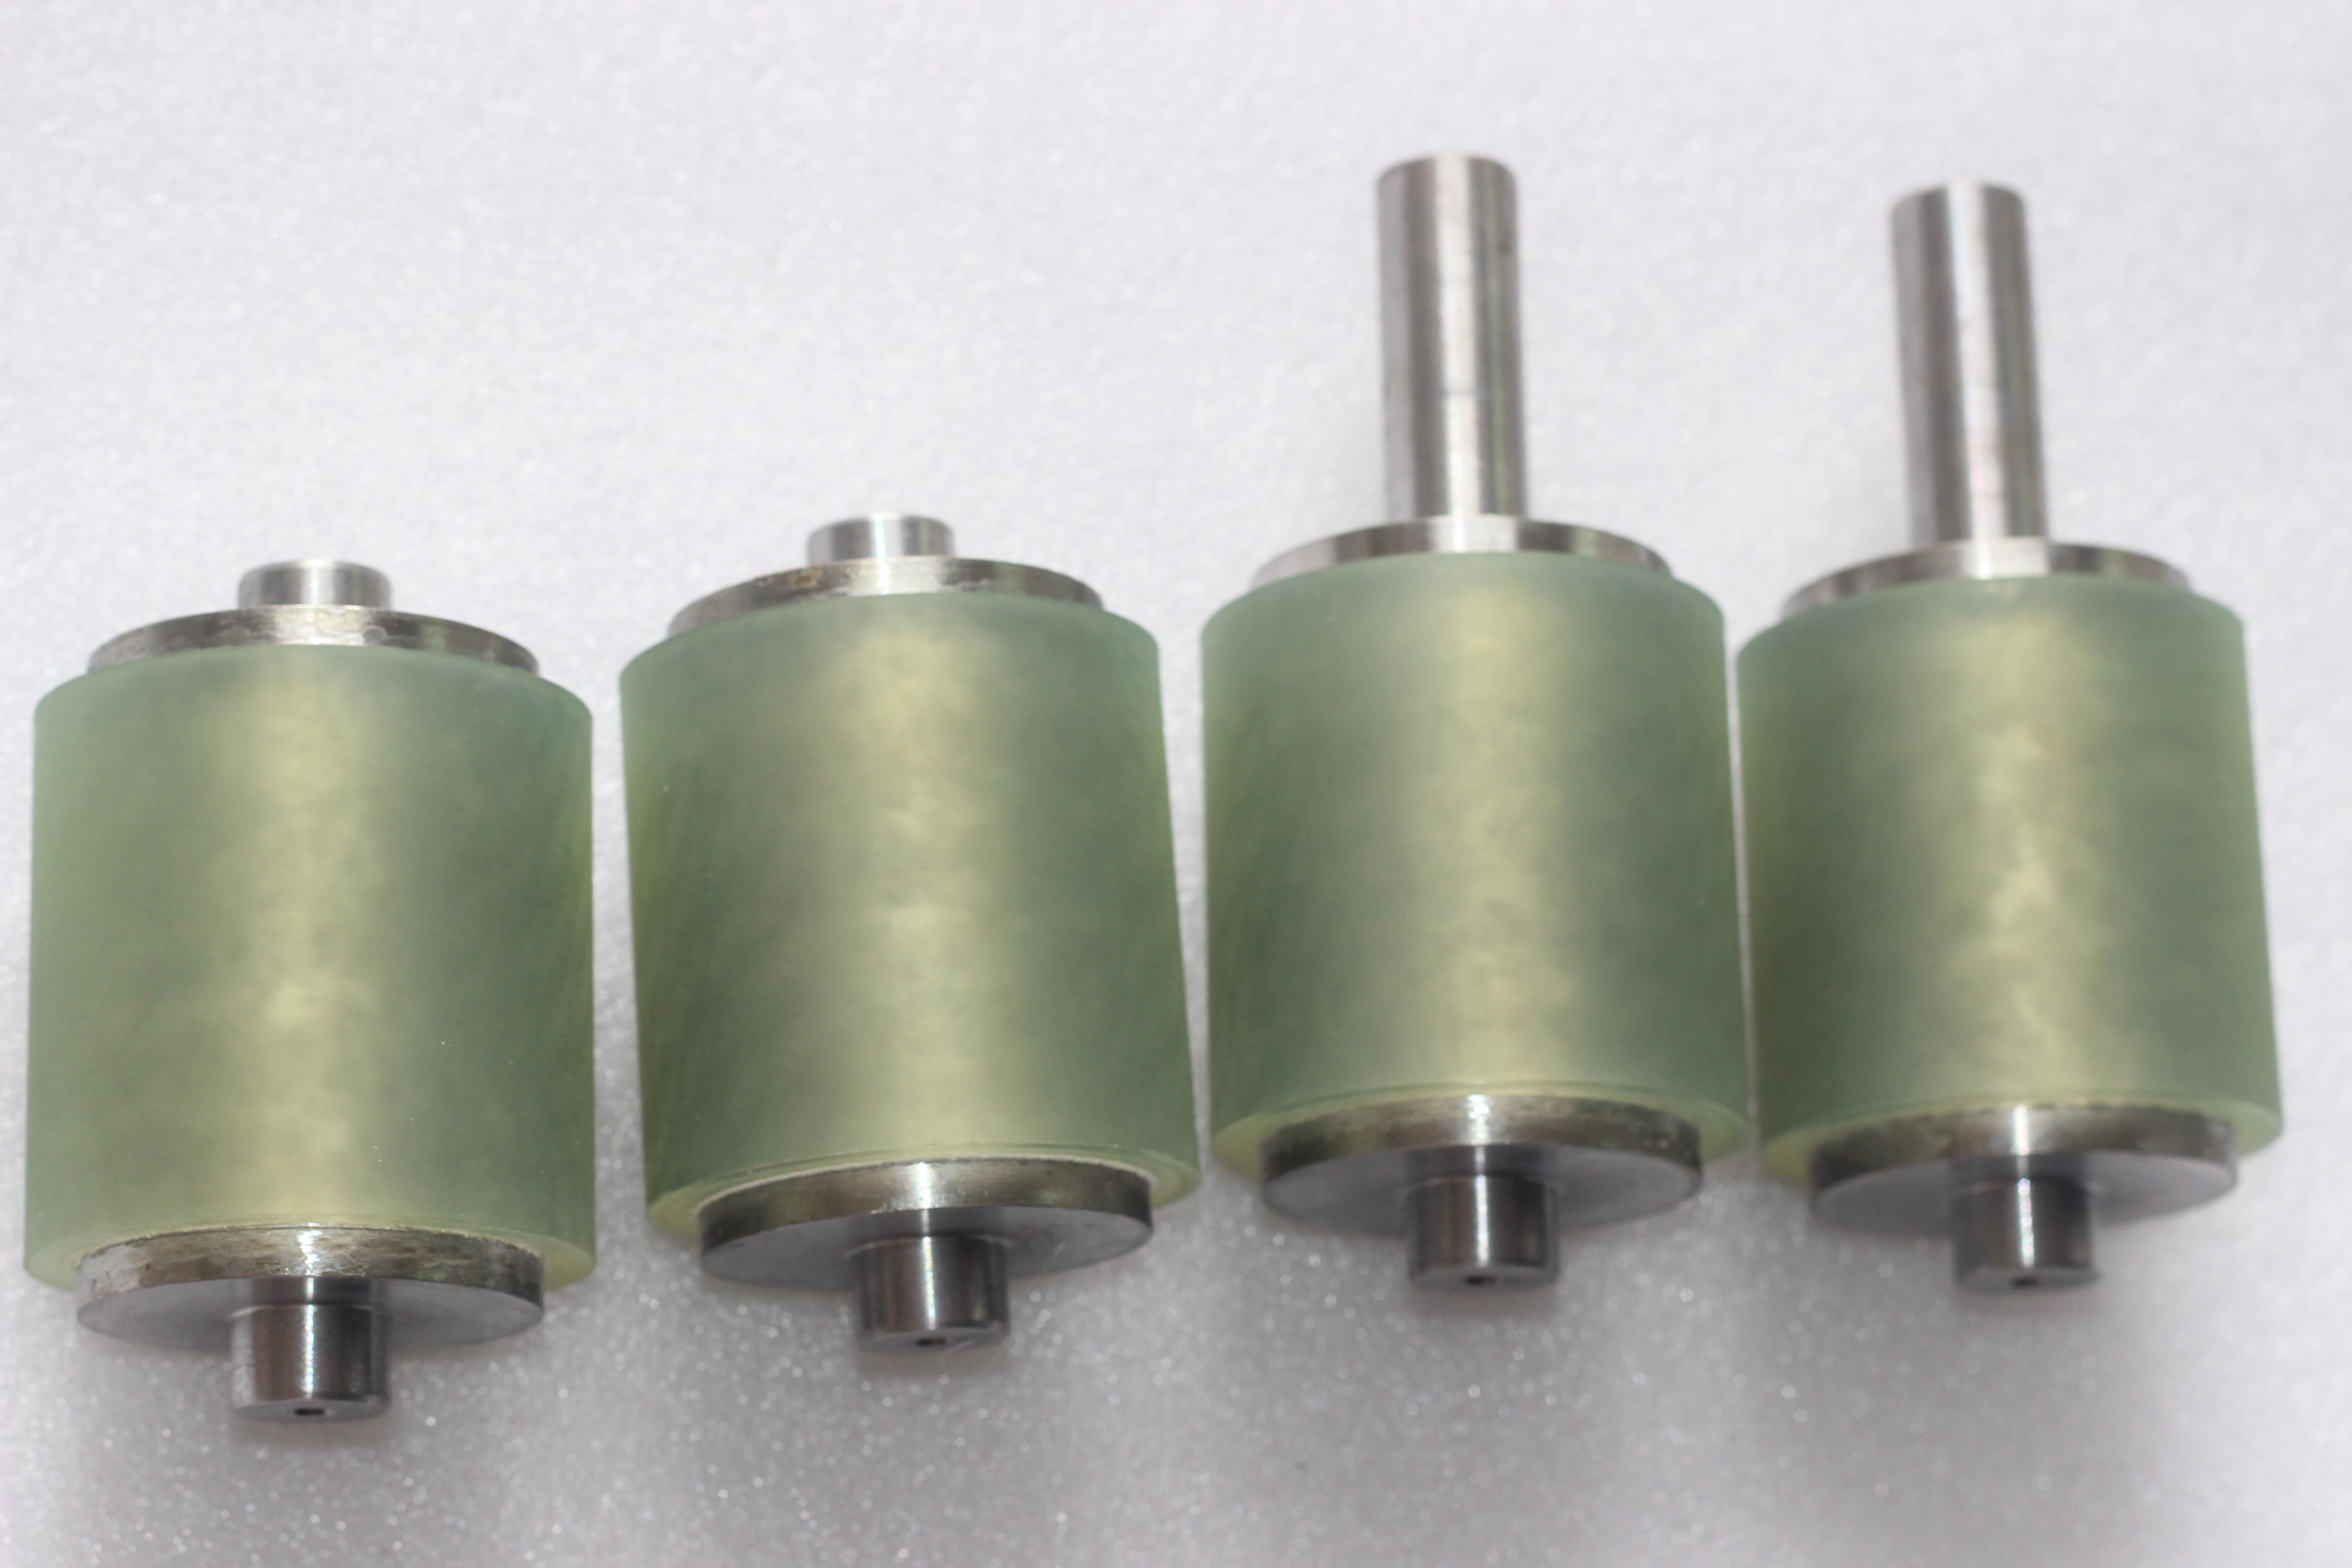 红色包胶滚筒印刷橡胶胶轮 贴合机压膜机滚筒 定做高效不锈钢包胶滚轮